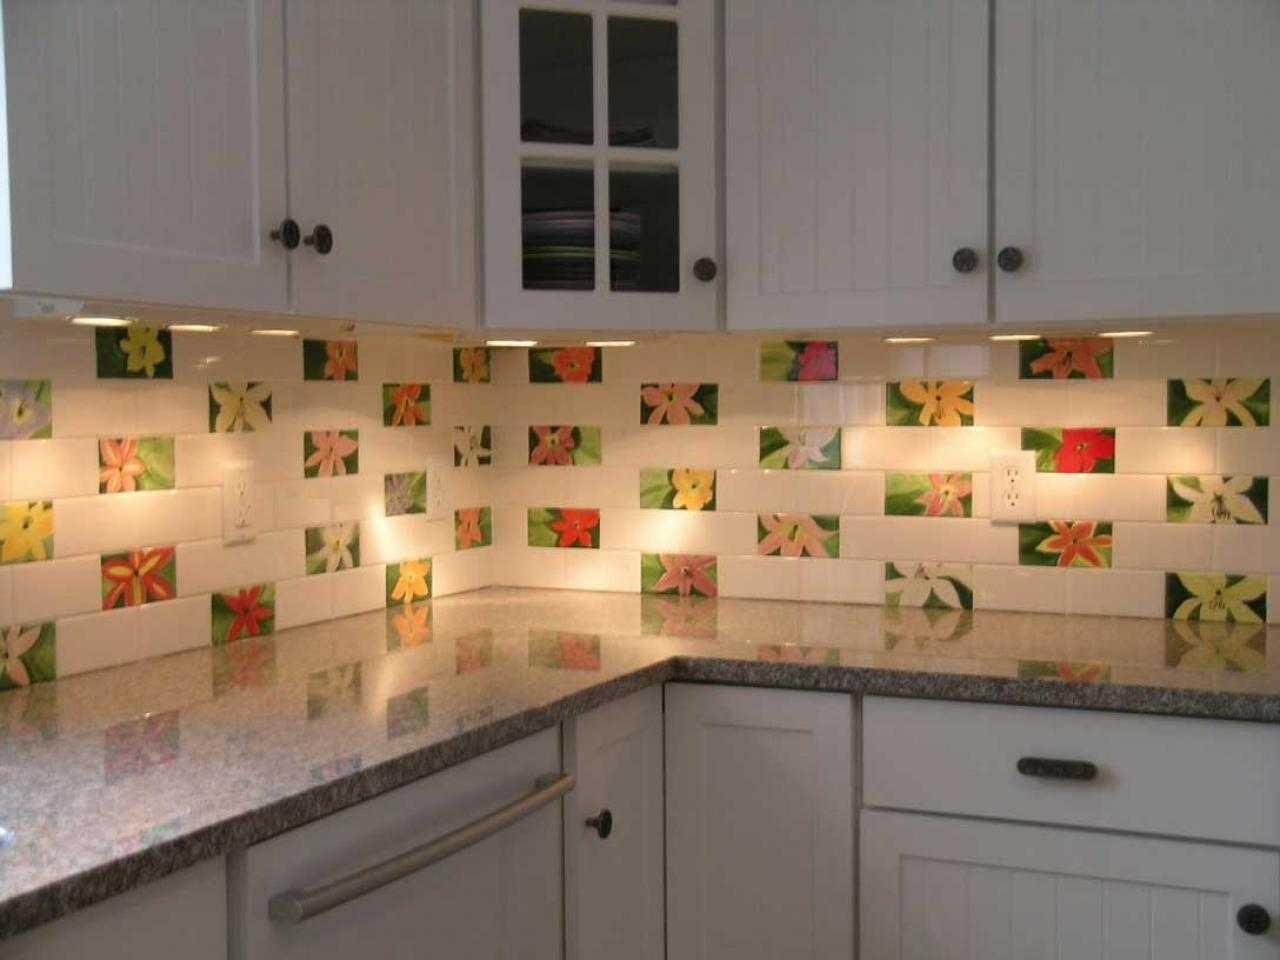 Панели на кухню вместо плитки: можно ли использовать пластиковые панели для фартука